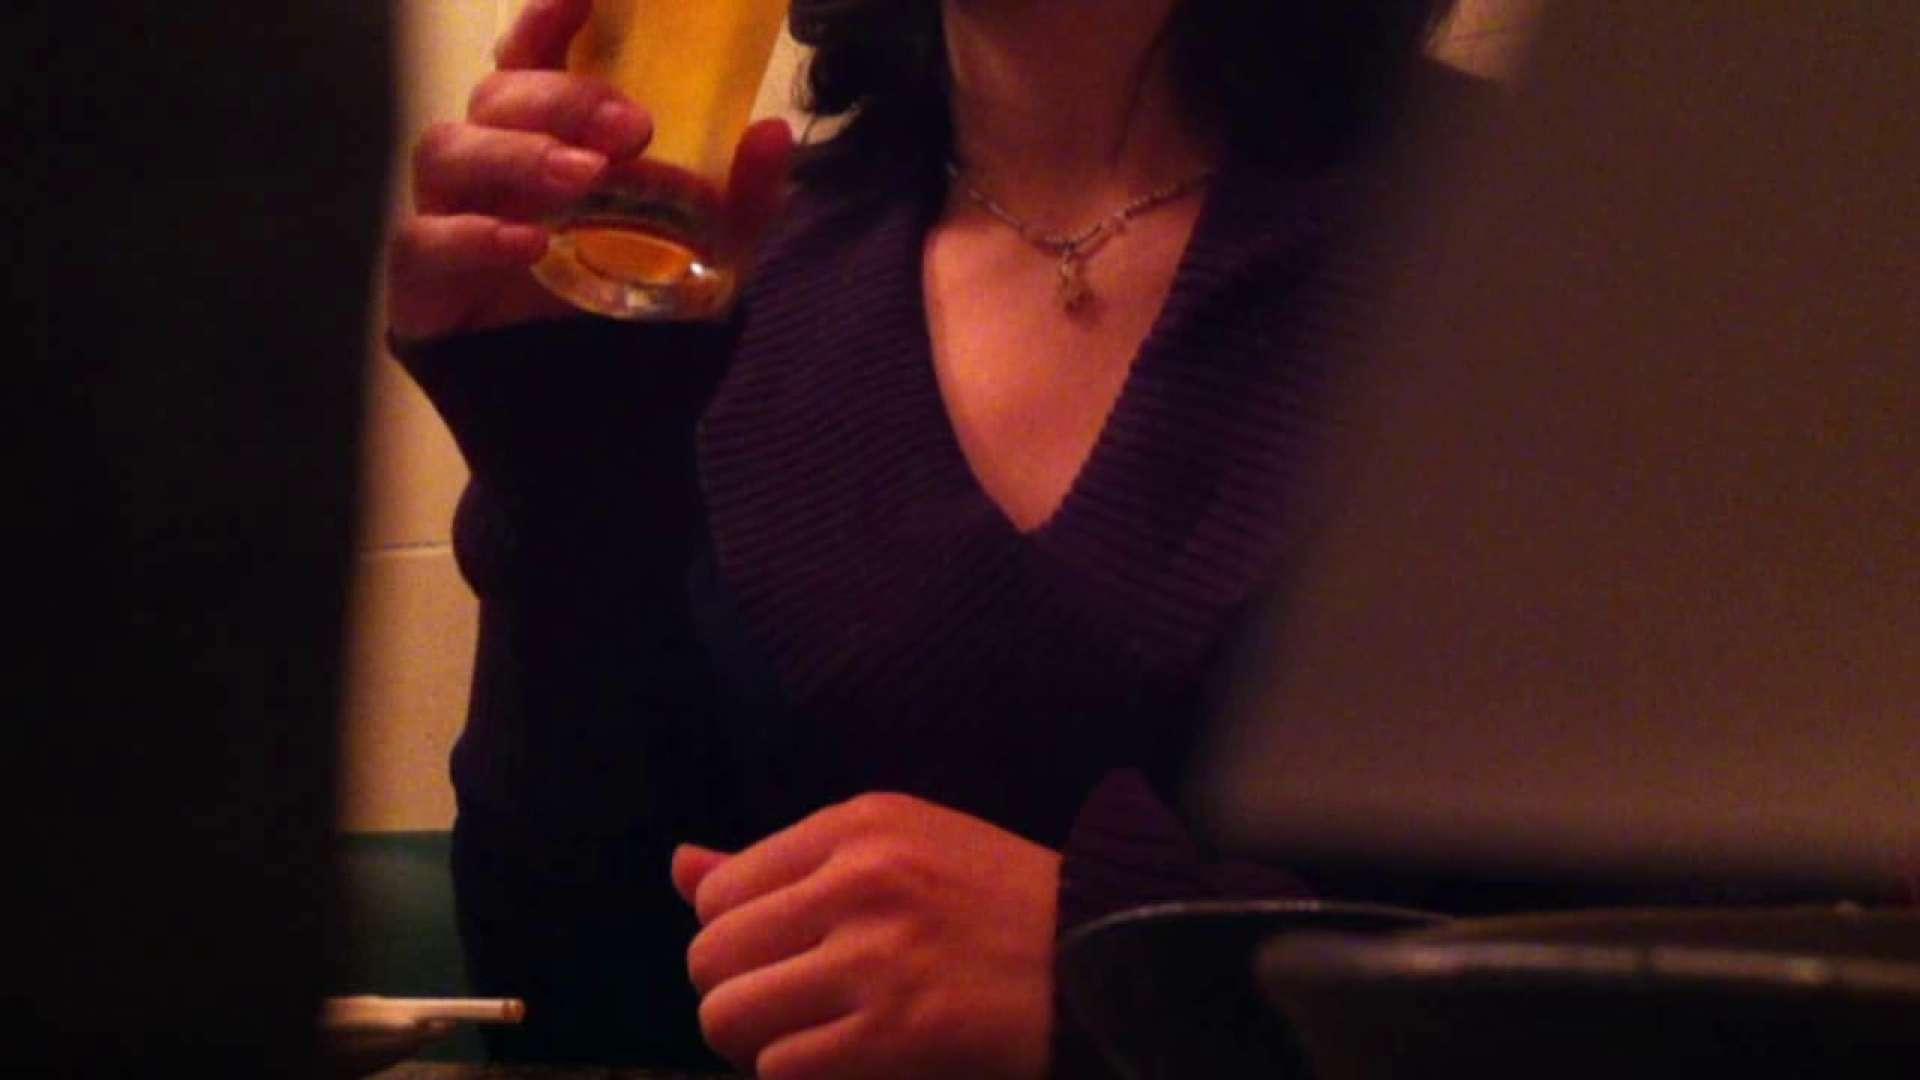 32才バツイチ子持ち現役看護婦じゅんこの変態願望Vol.1 ホテル隠し撮り  104pic 40